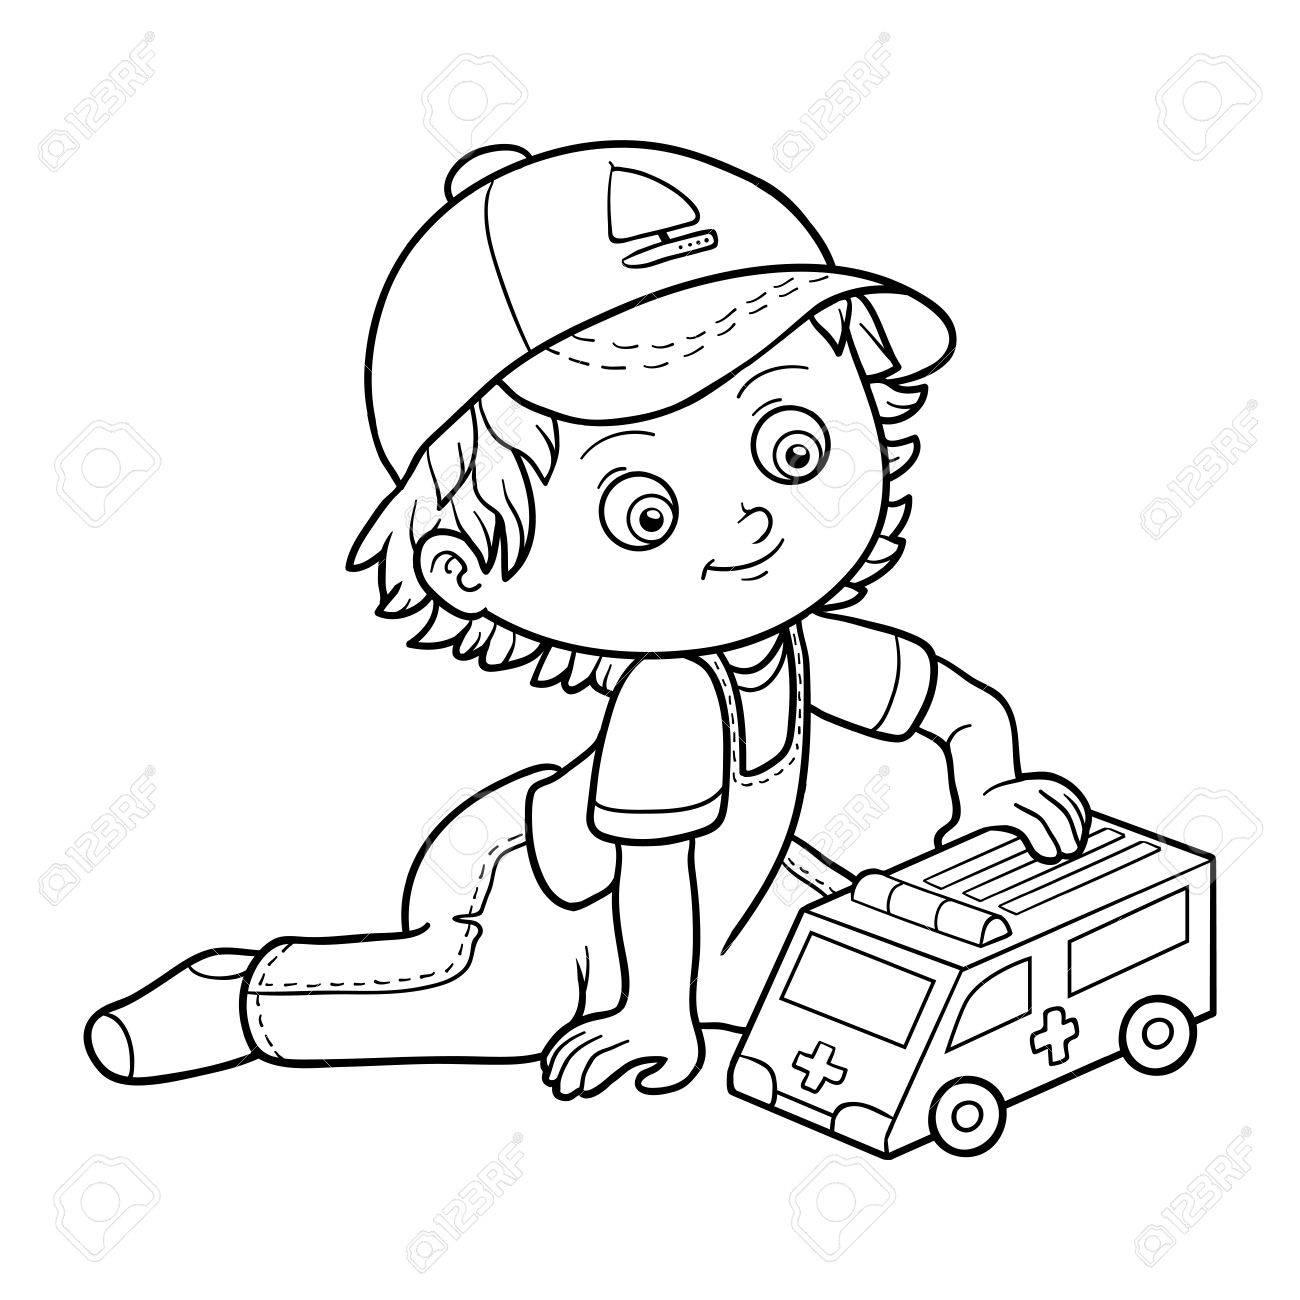 Livre A Colorier Pour Les Enfants Petit Garcon Joue Avec La Voiture D Ambulance Clip Art Libres De Droits Vecteurs Et Illustration Image 56256096